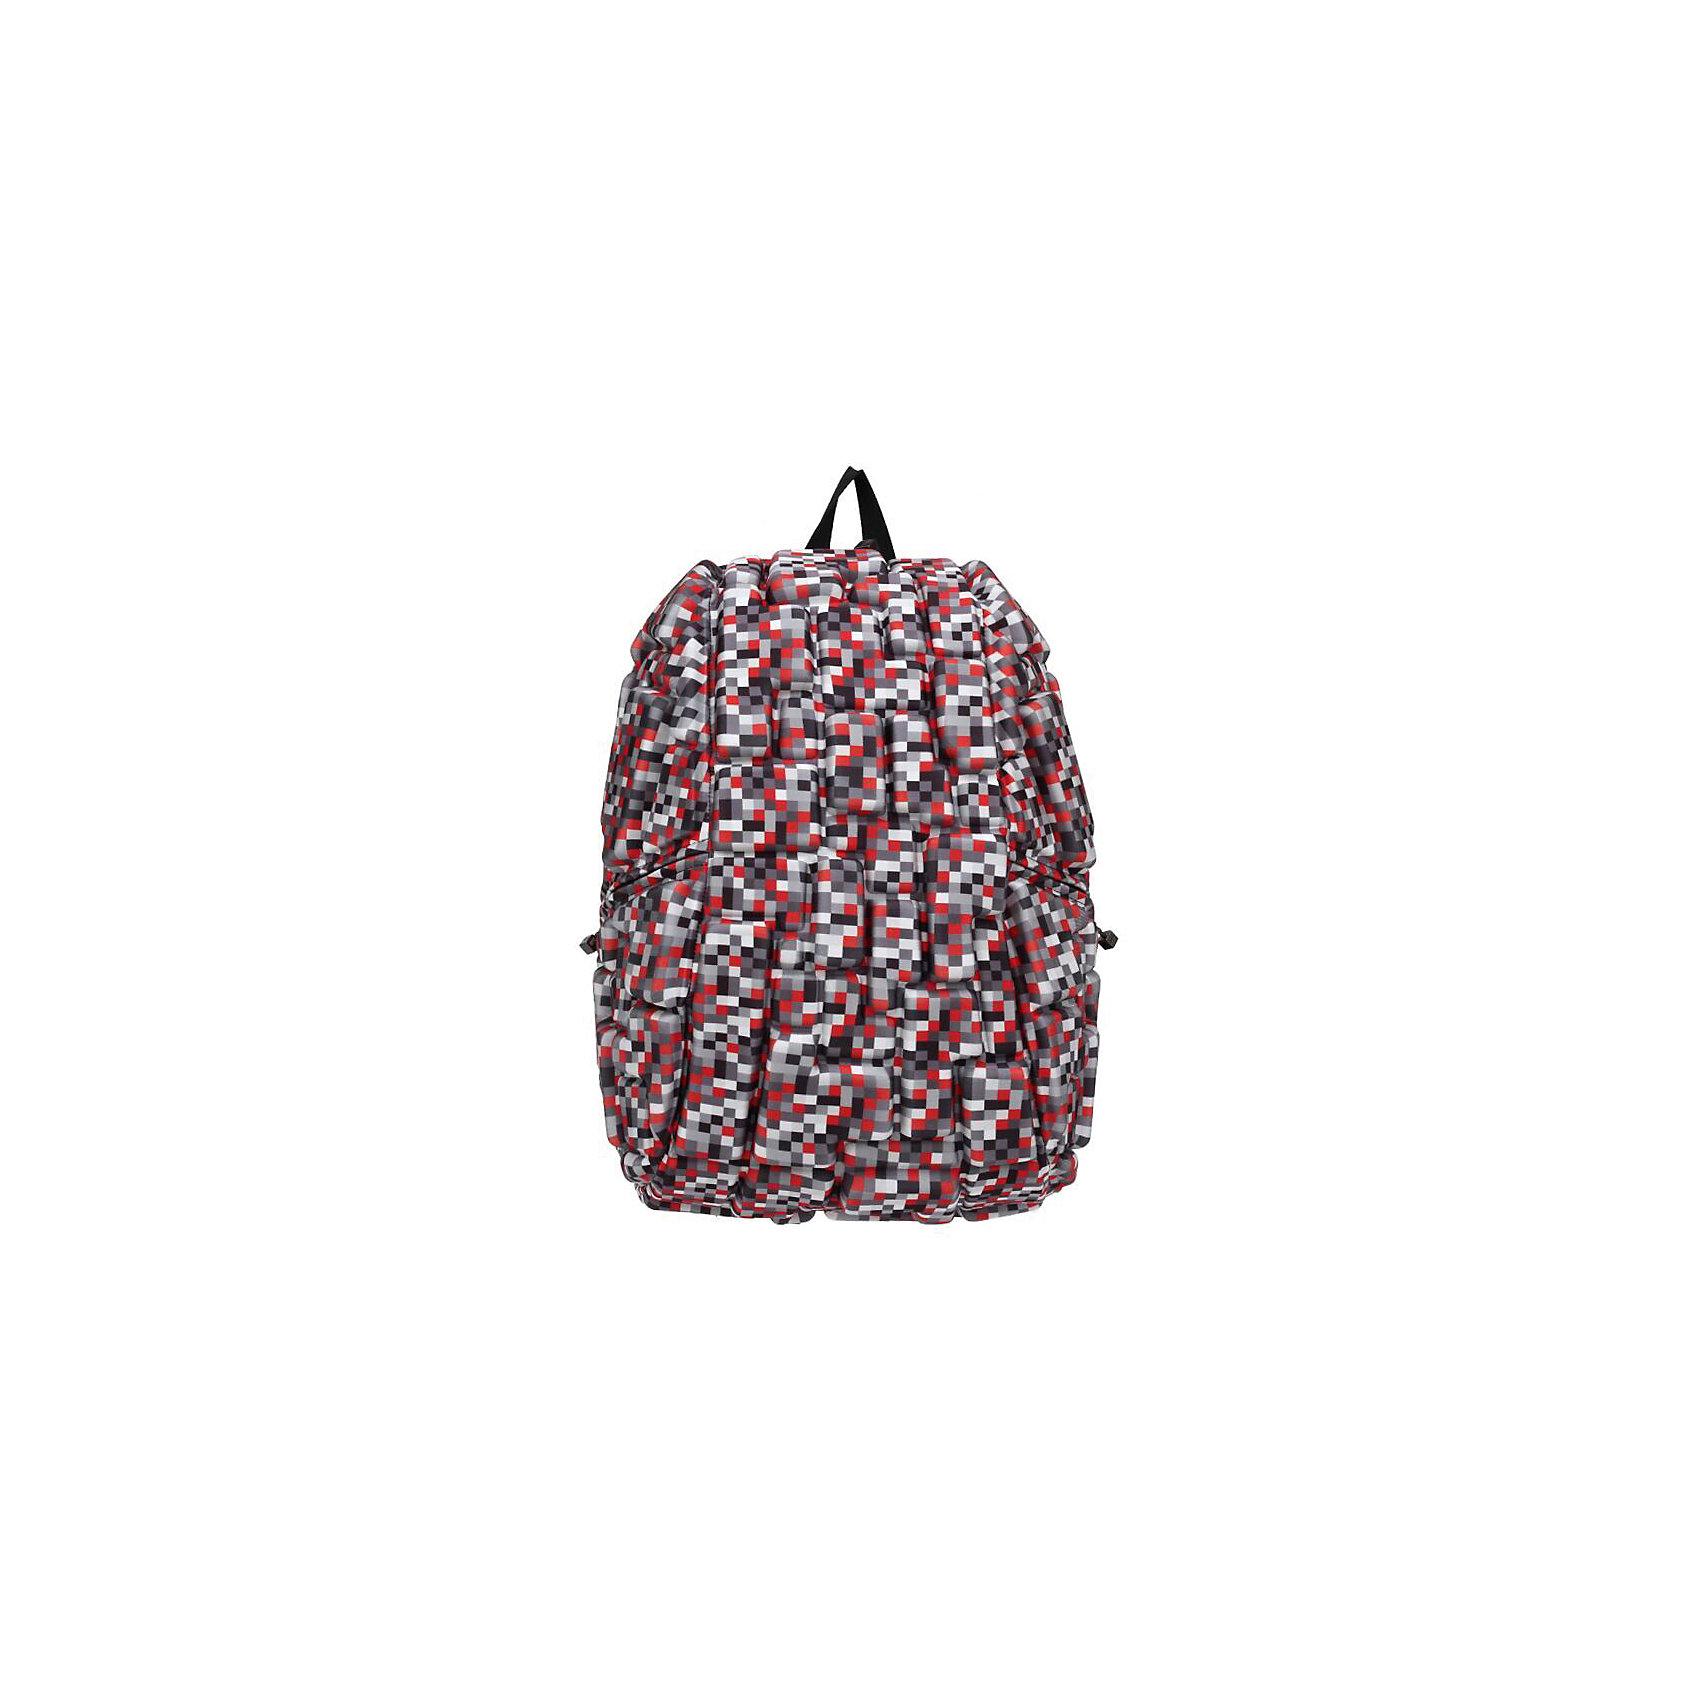 Рюкзак Blok Full Digital RED, цвет красный мультиРюкзаки<br>Вес: 0,8 кг<br>Размер: 46х36х20 см<br>Состав: рюкзак<br>Наличие светоотражающих элементов: нет<br>Материал: полиспандекс<br><br>Ширина мм: 460<br>Глубина мм: 360<br>Высота мм: 200<br>Вес г: 800<br>Возраст от месяцев: 60<br>Возраст до месяцев: 720<br>Пол: Унисекс<br>Возраст: Детский<br>SKU: 7054114